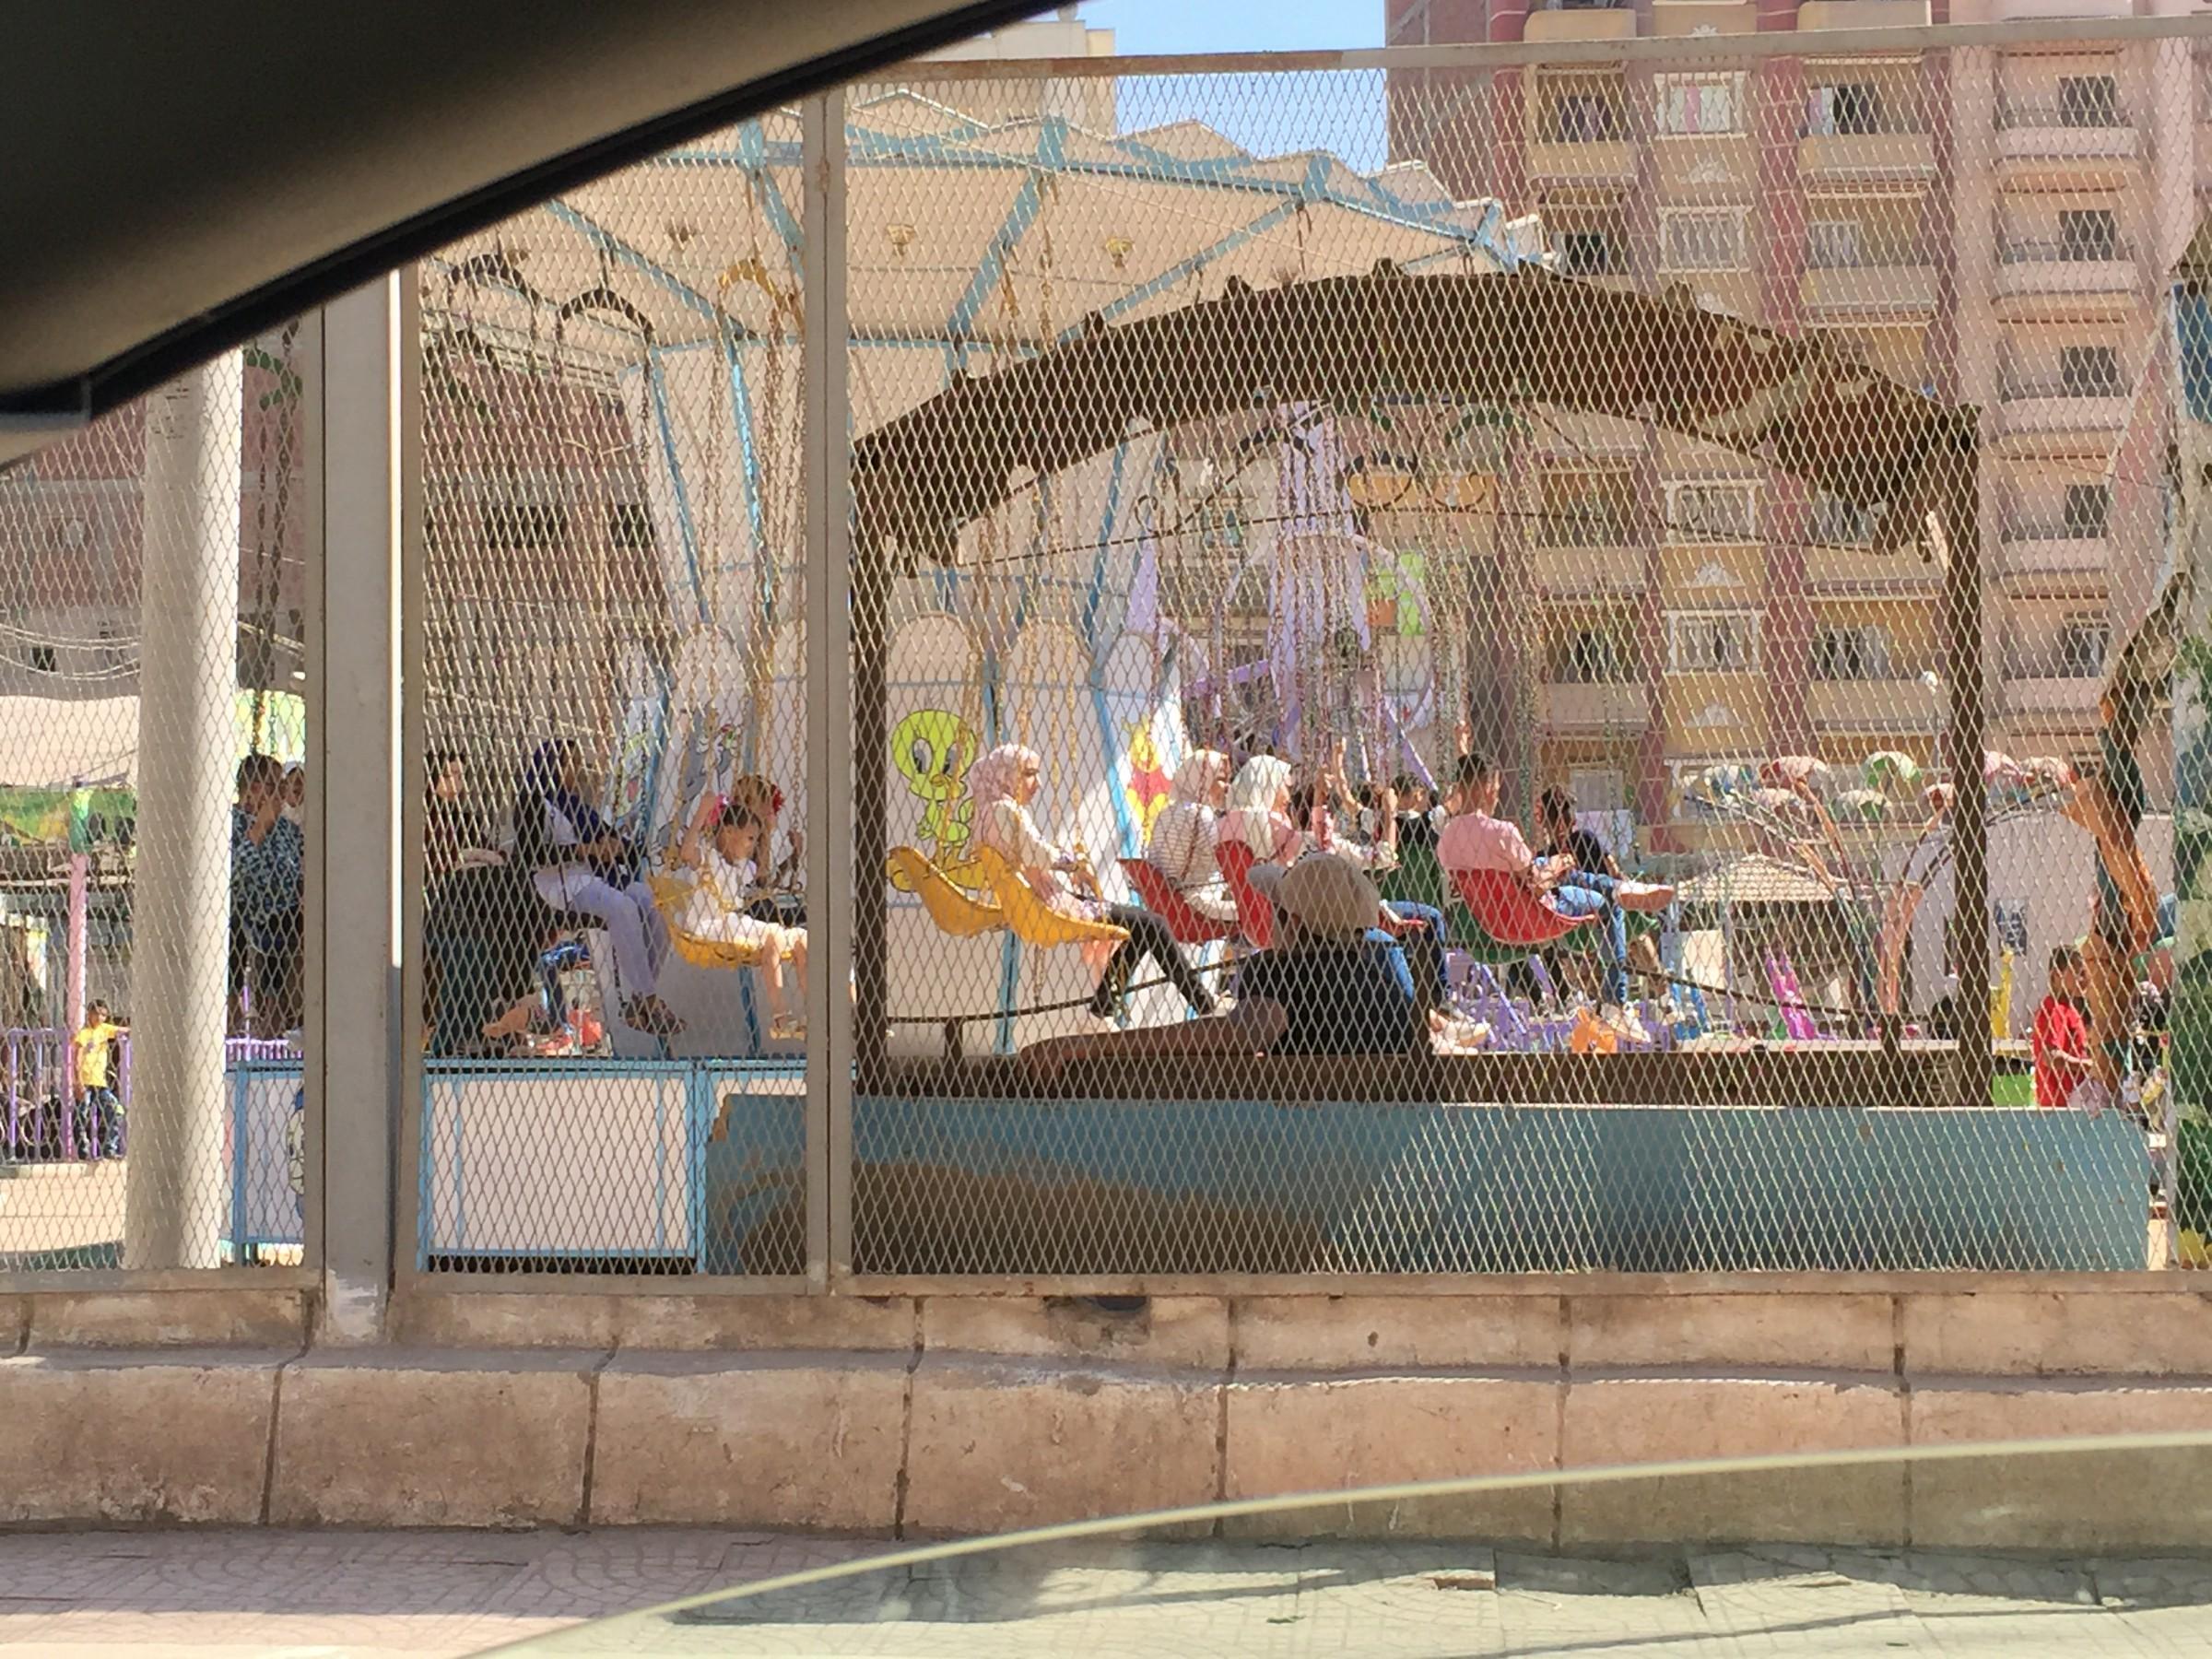 إقبال كبير على الحدائق والمتنزهات فى أول أيام عيد الأضحى بالغربية (10)